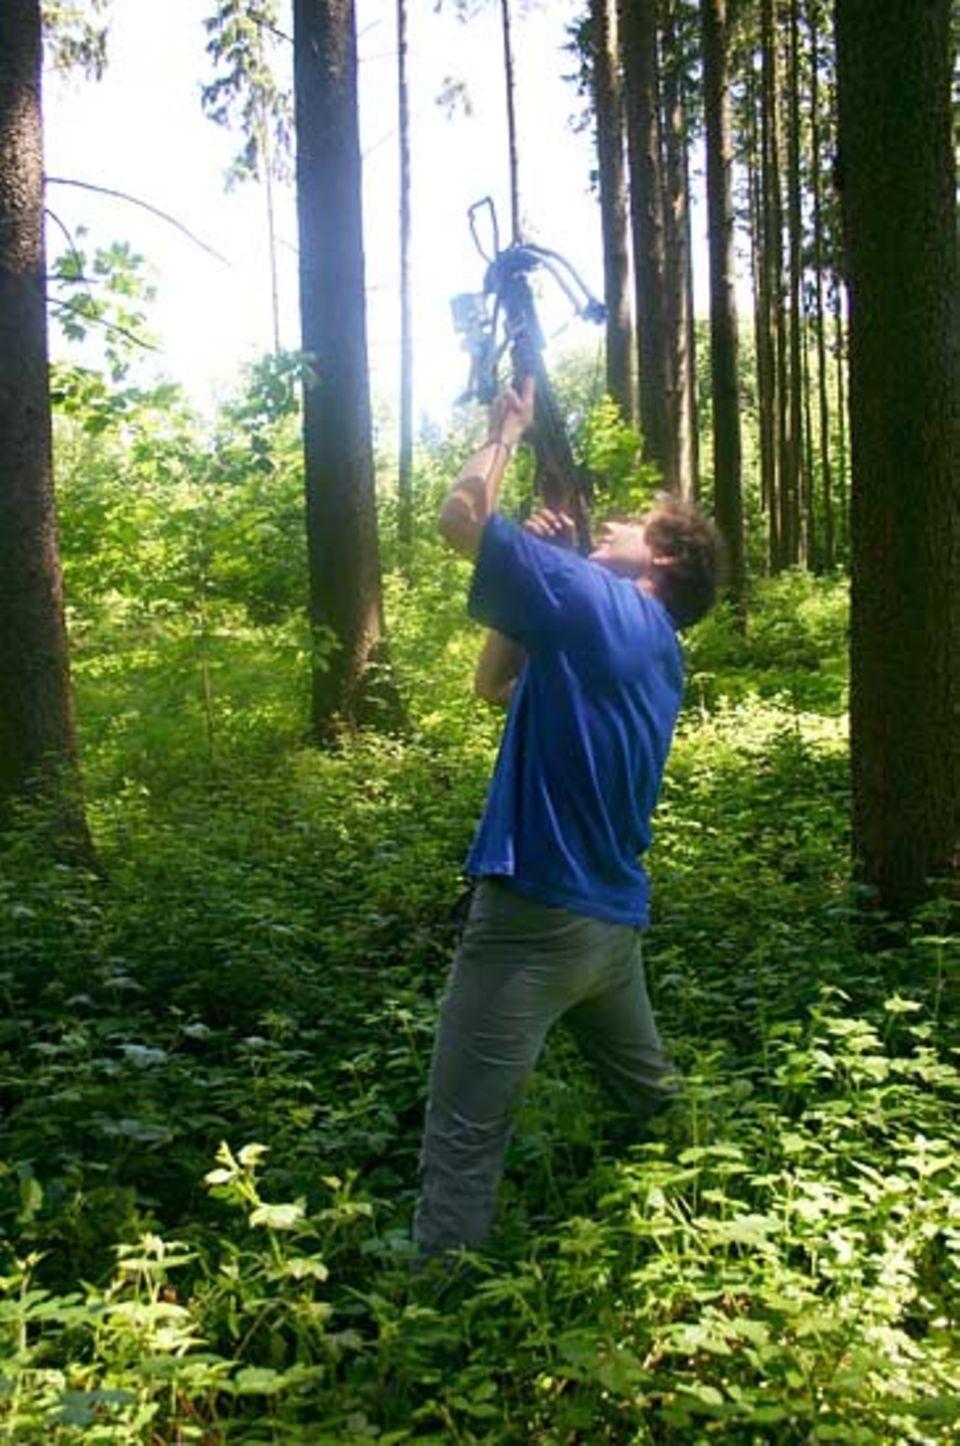 Mit einer Armbrust schießen die Treeclimber einen Faden in die Baumkrone. Daran ziehen sie das Sicherungsseil nach oben